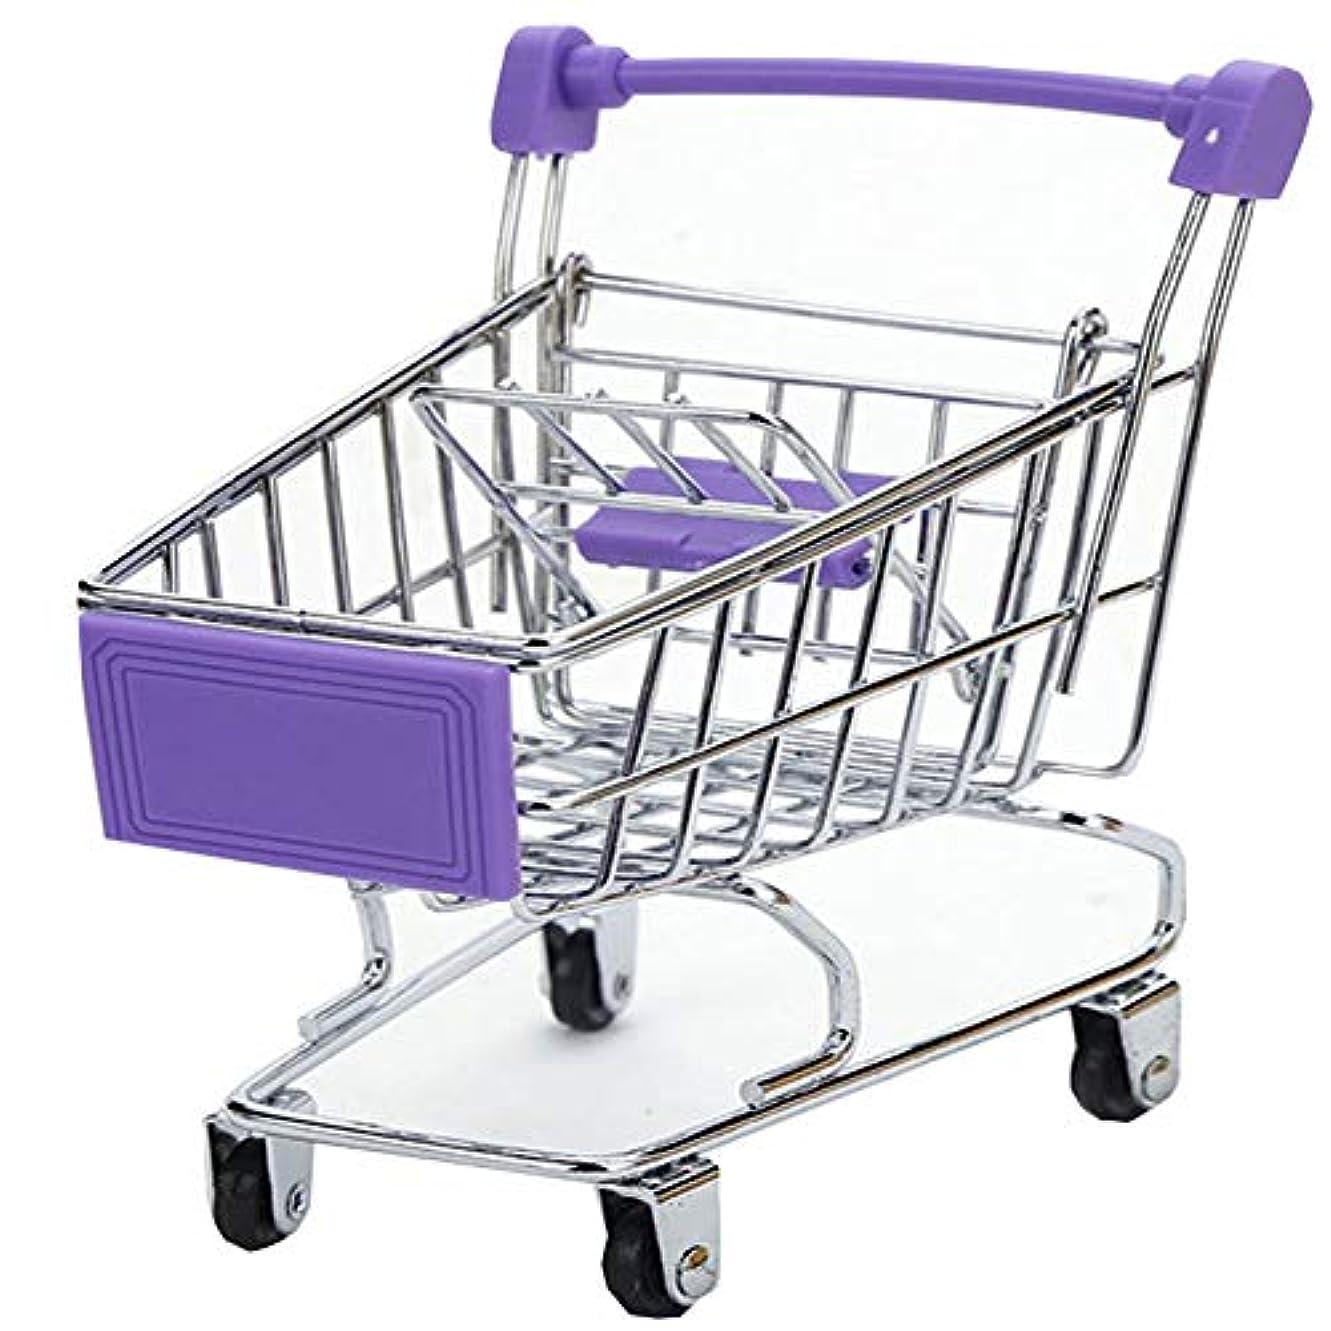 または競争力のある理解おもちゃミニショッピングカート ミニスーパーマーケットハンドカート、デスクトップストレージ、パープル#18